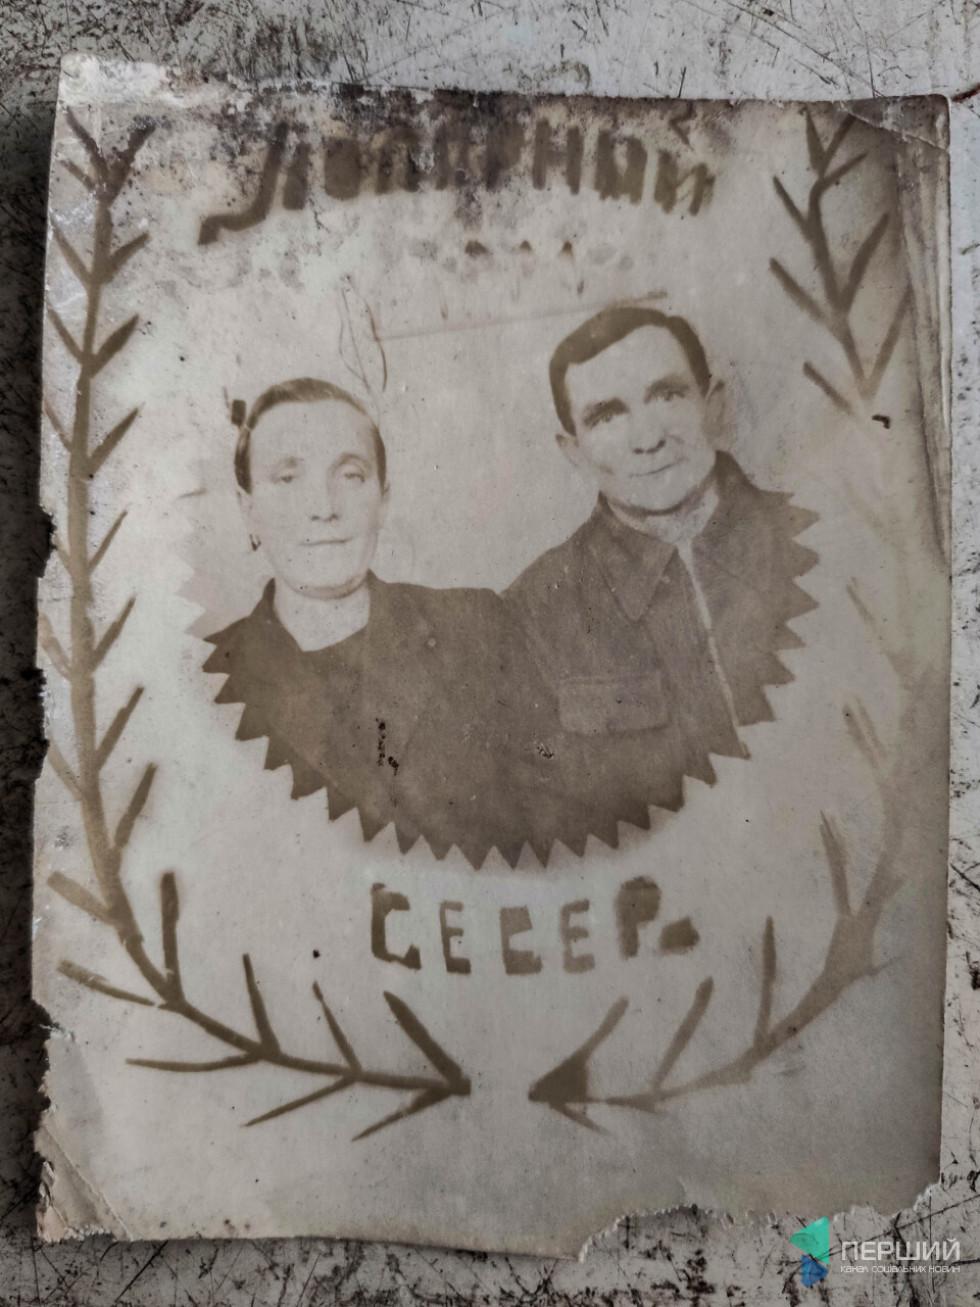 Йосип Зламанець із дружиною Євою.Фото 1966 рік   Фото із заслання. З архіву Уляна Кухарука. 50-ті роки